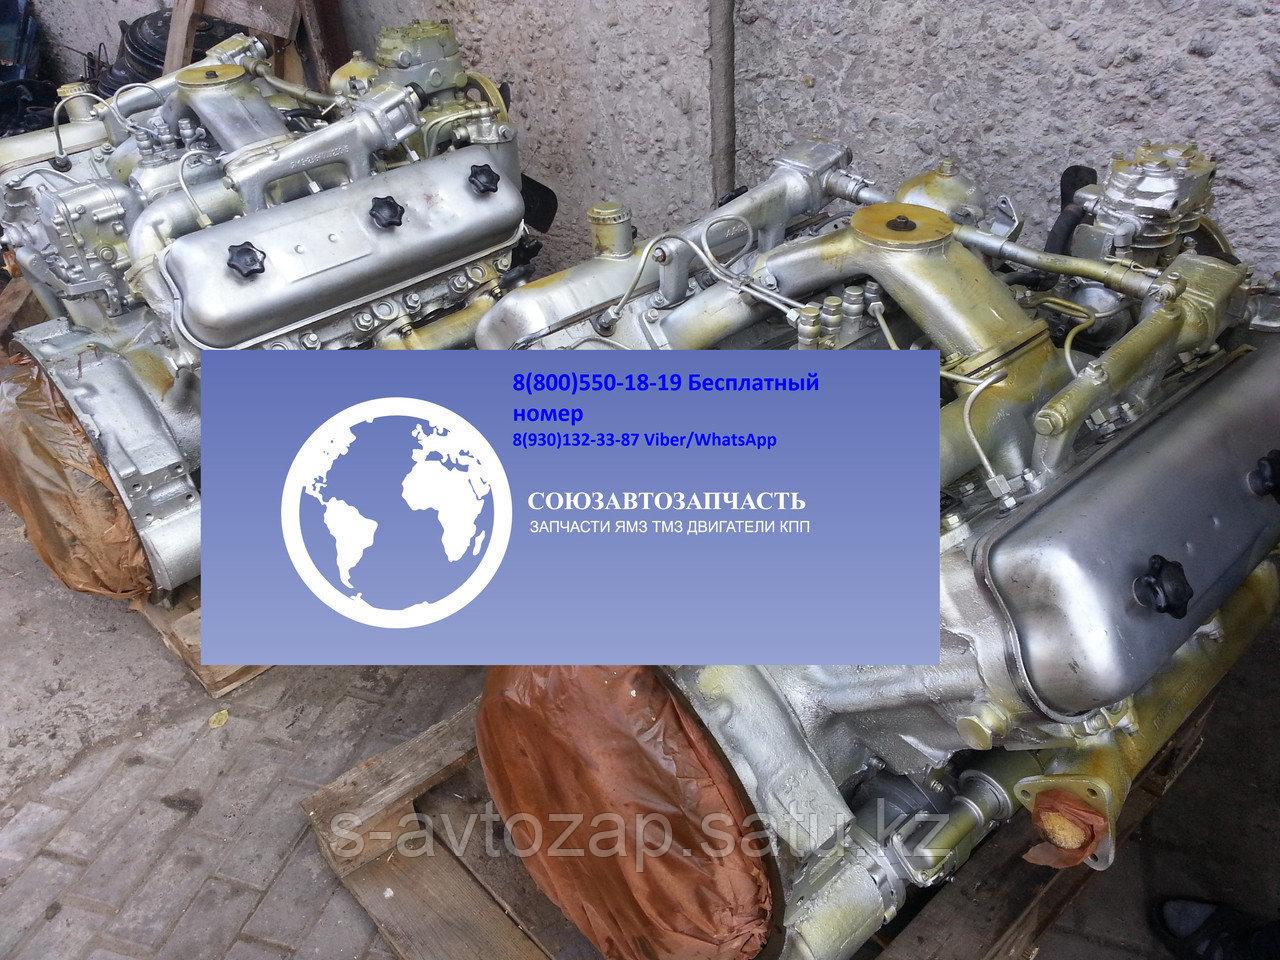 Капитальный ремонт двигателя ЯМЗ 236М2-1000186-7